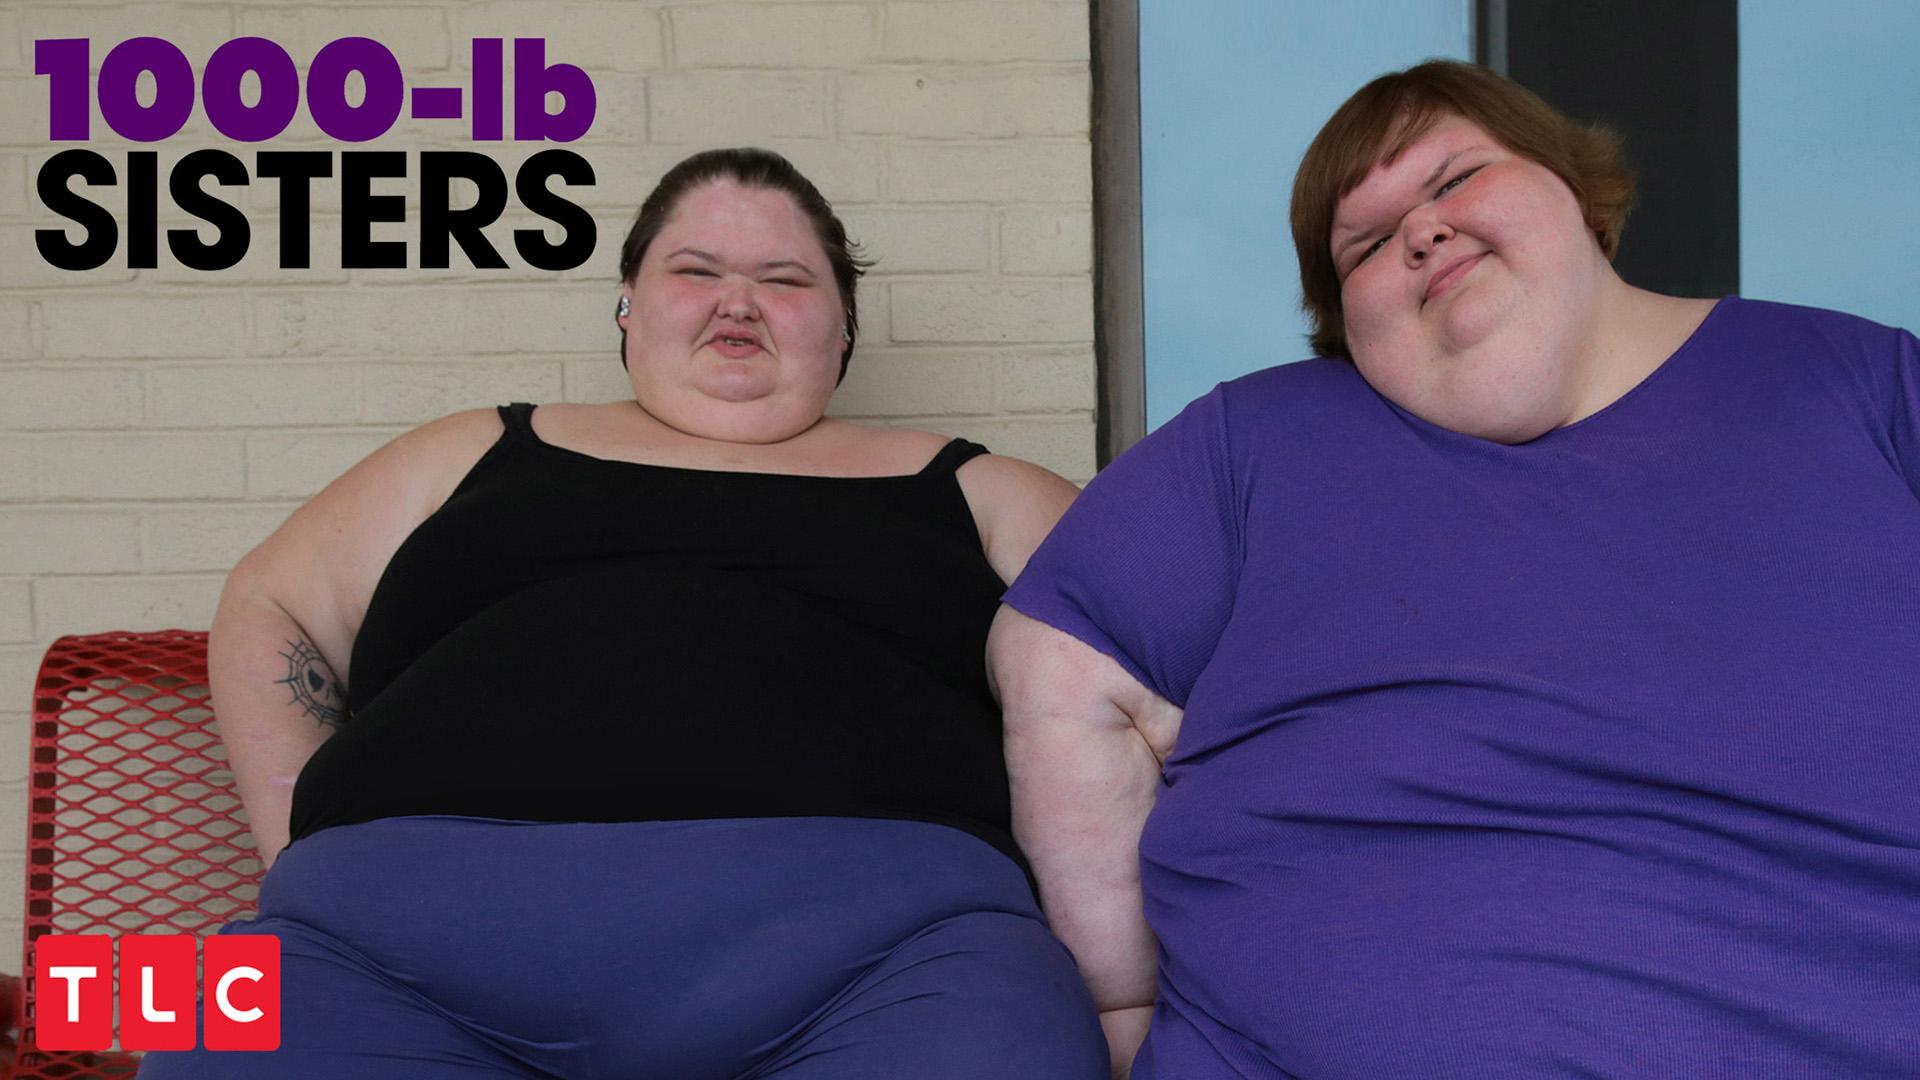 1000-lb Sisters Season 1